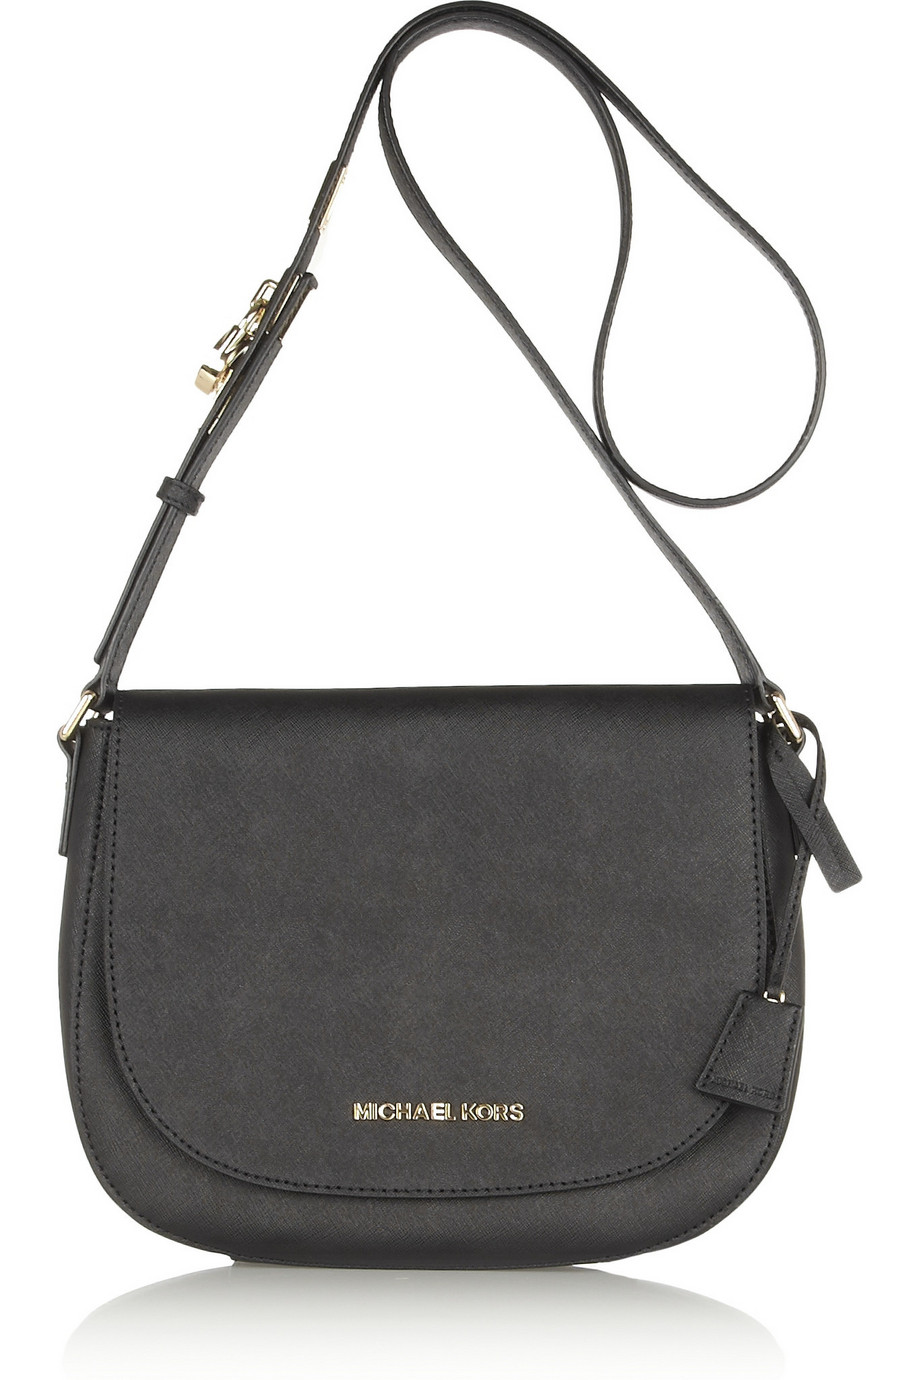 Michael Michael Kors Brooke Textured Leather Shoulder Bag 83